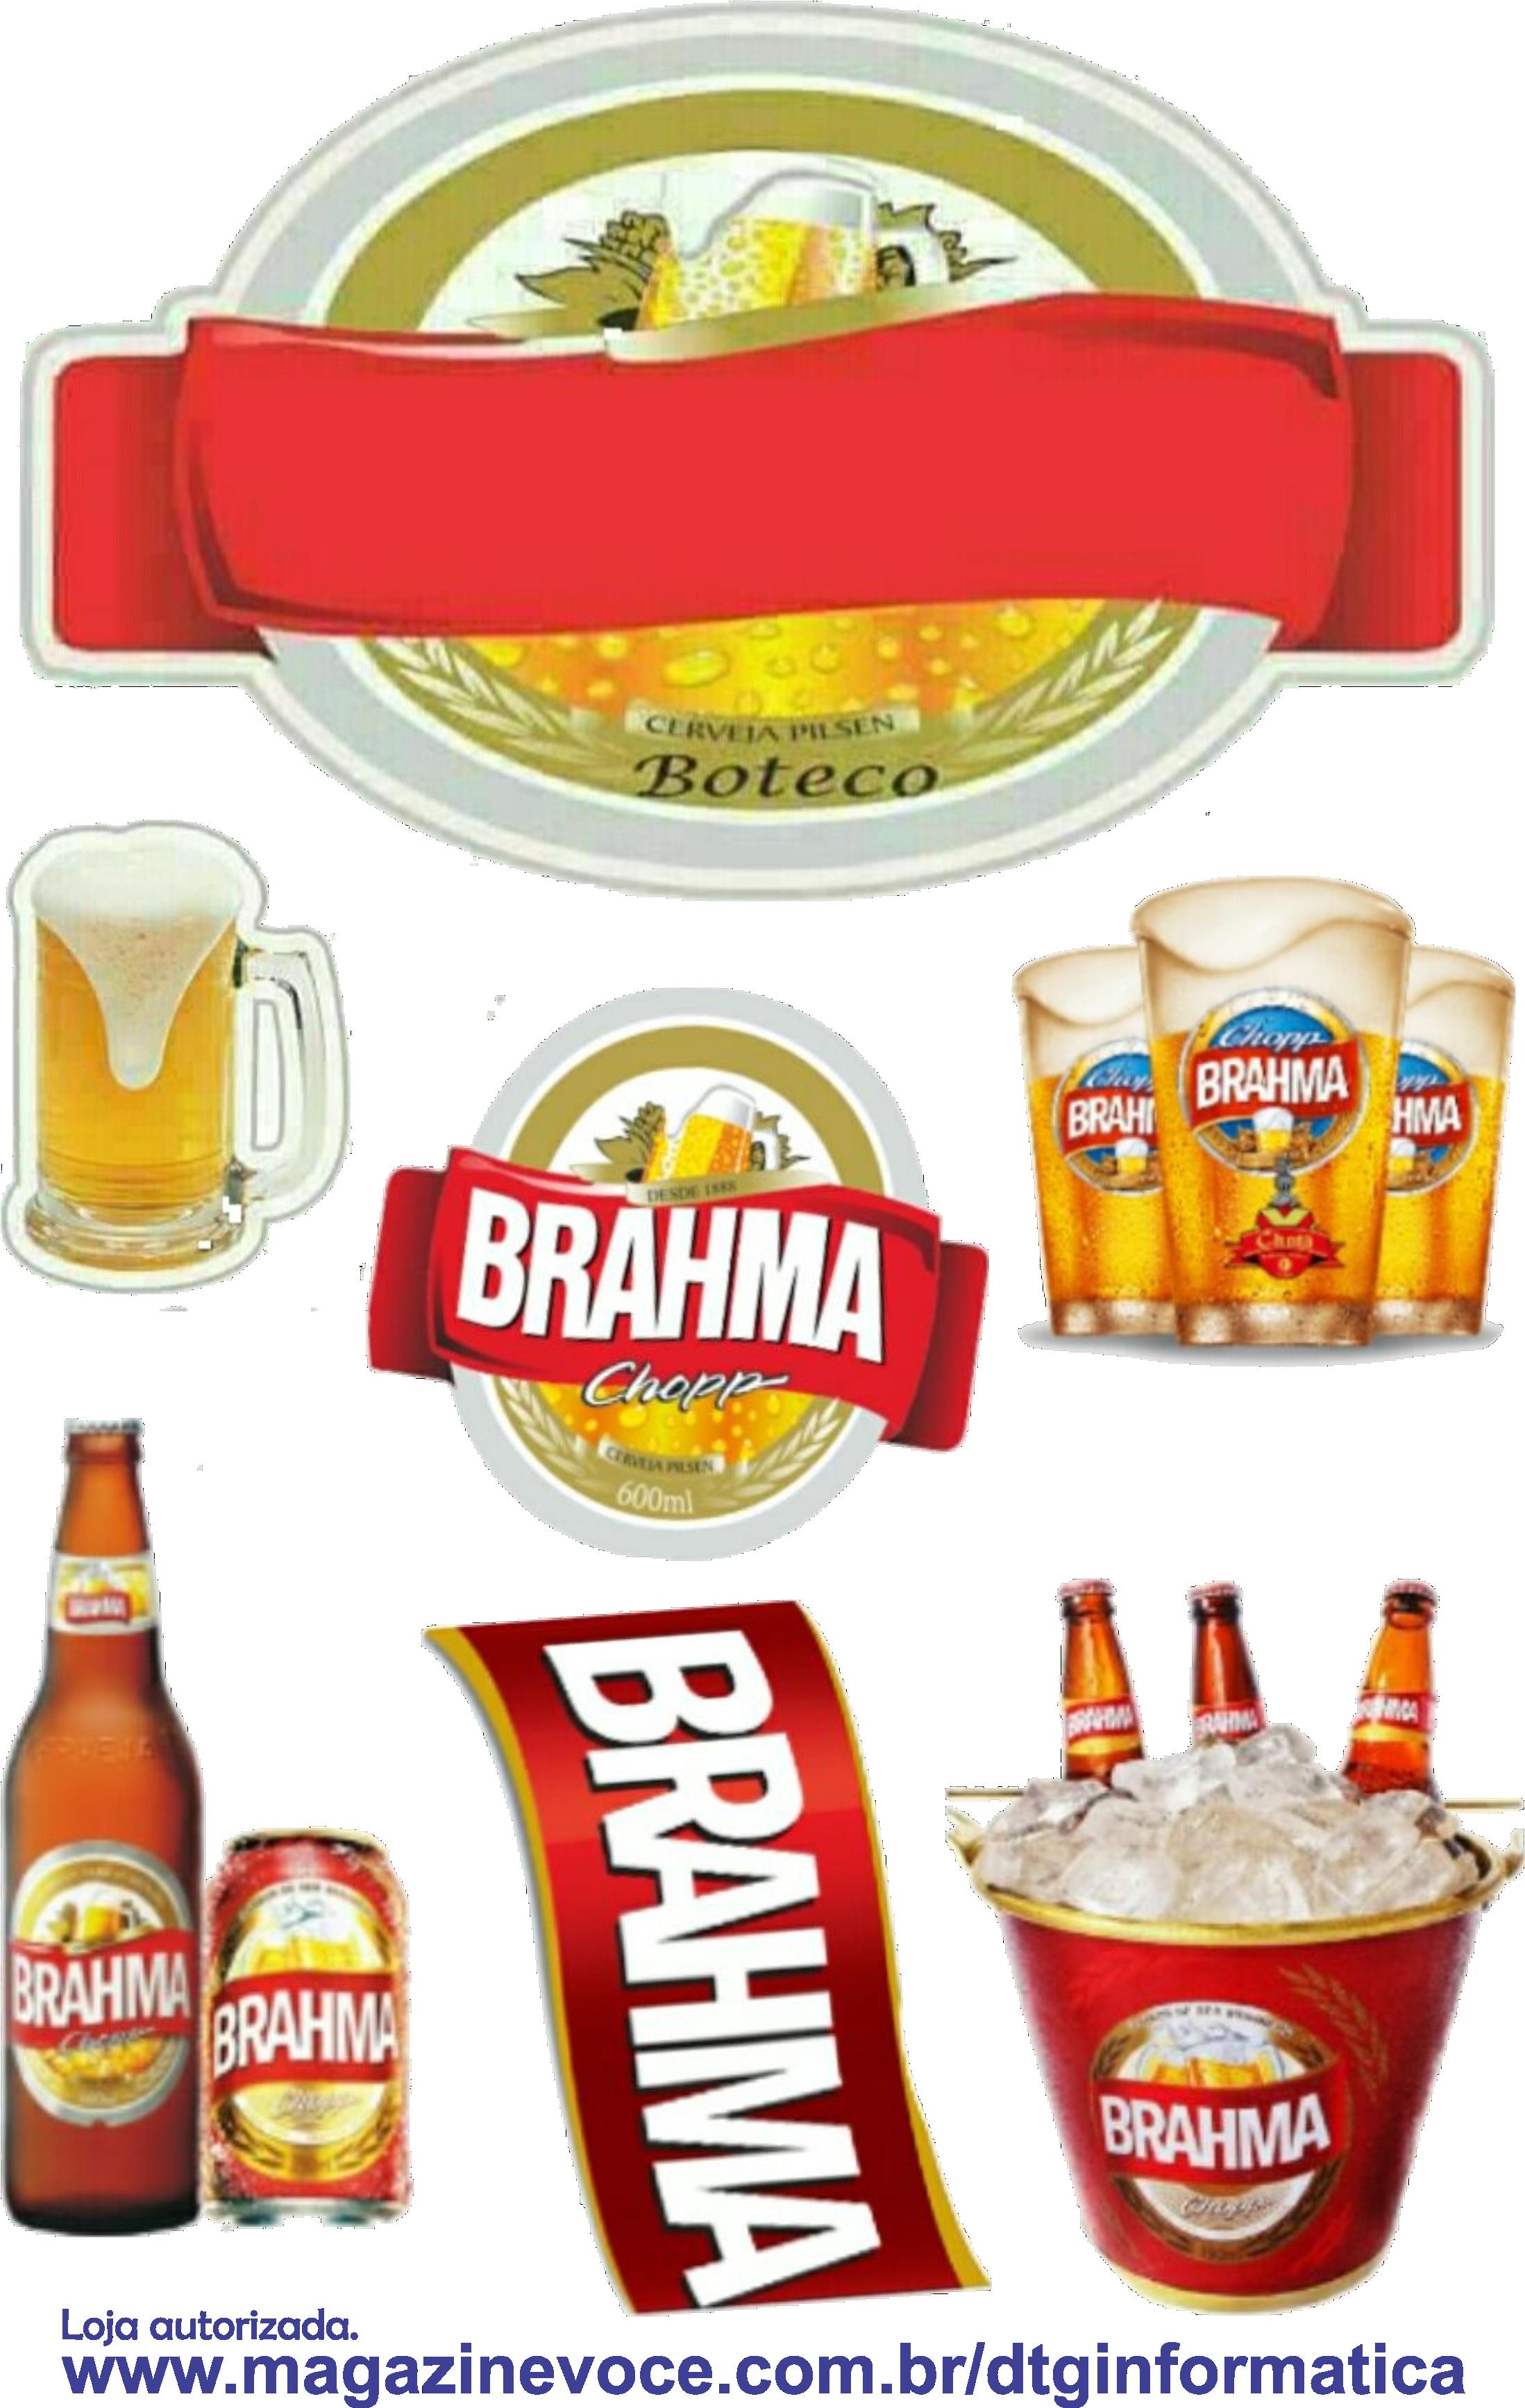 Topo Para Bolo Com Tema Boteco Da Cervejaria Brahma Comida De